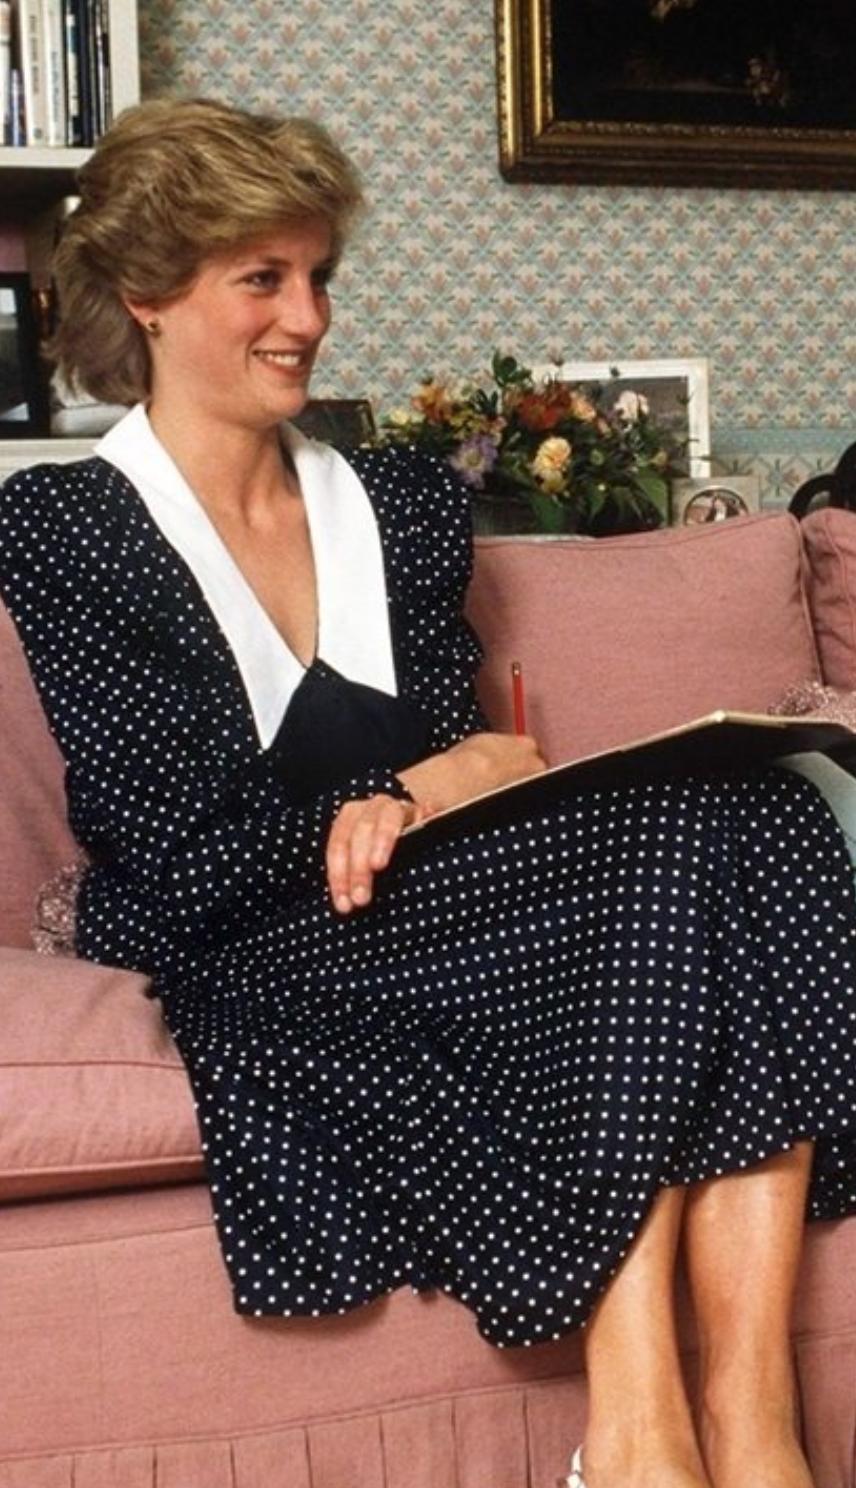 بالصور..كيت ميدلتون تخطف الانظار بإطلالة مستوحاة من الأميرة ديانا